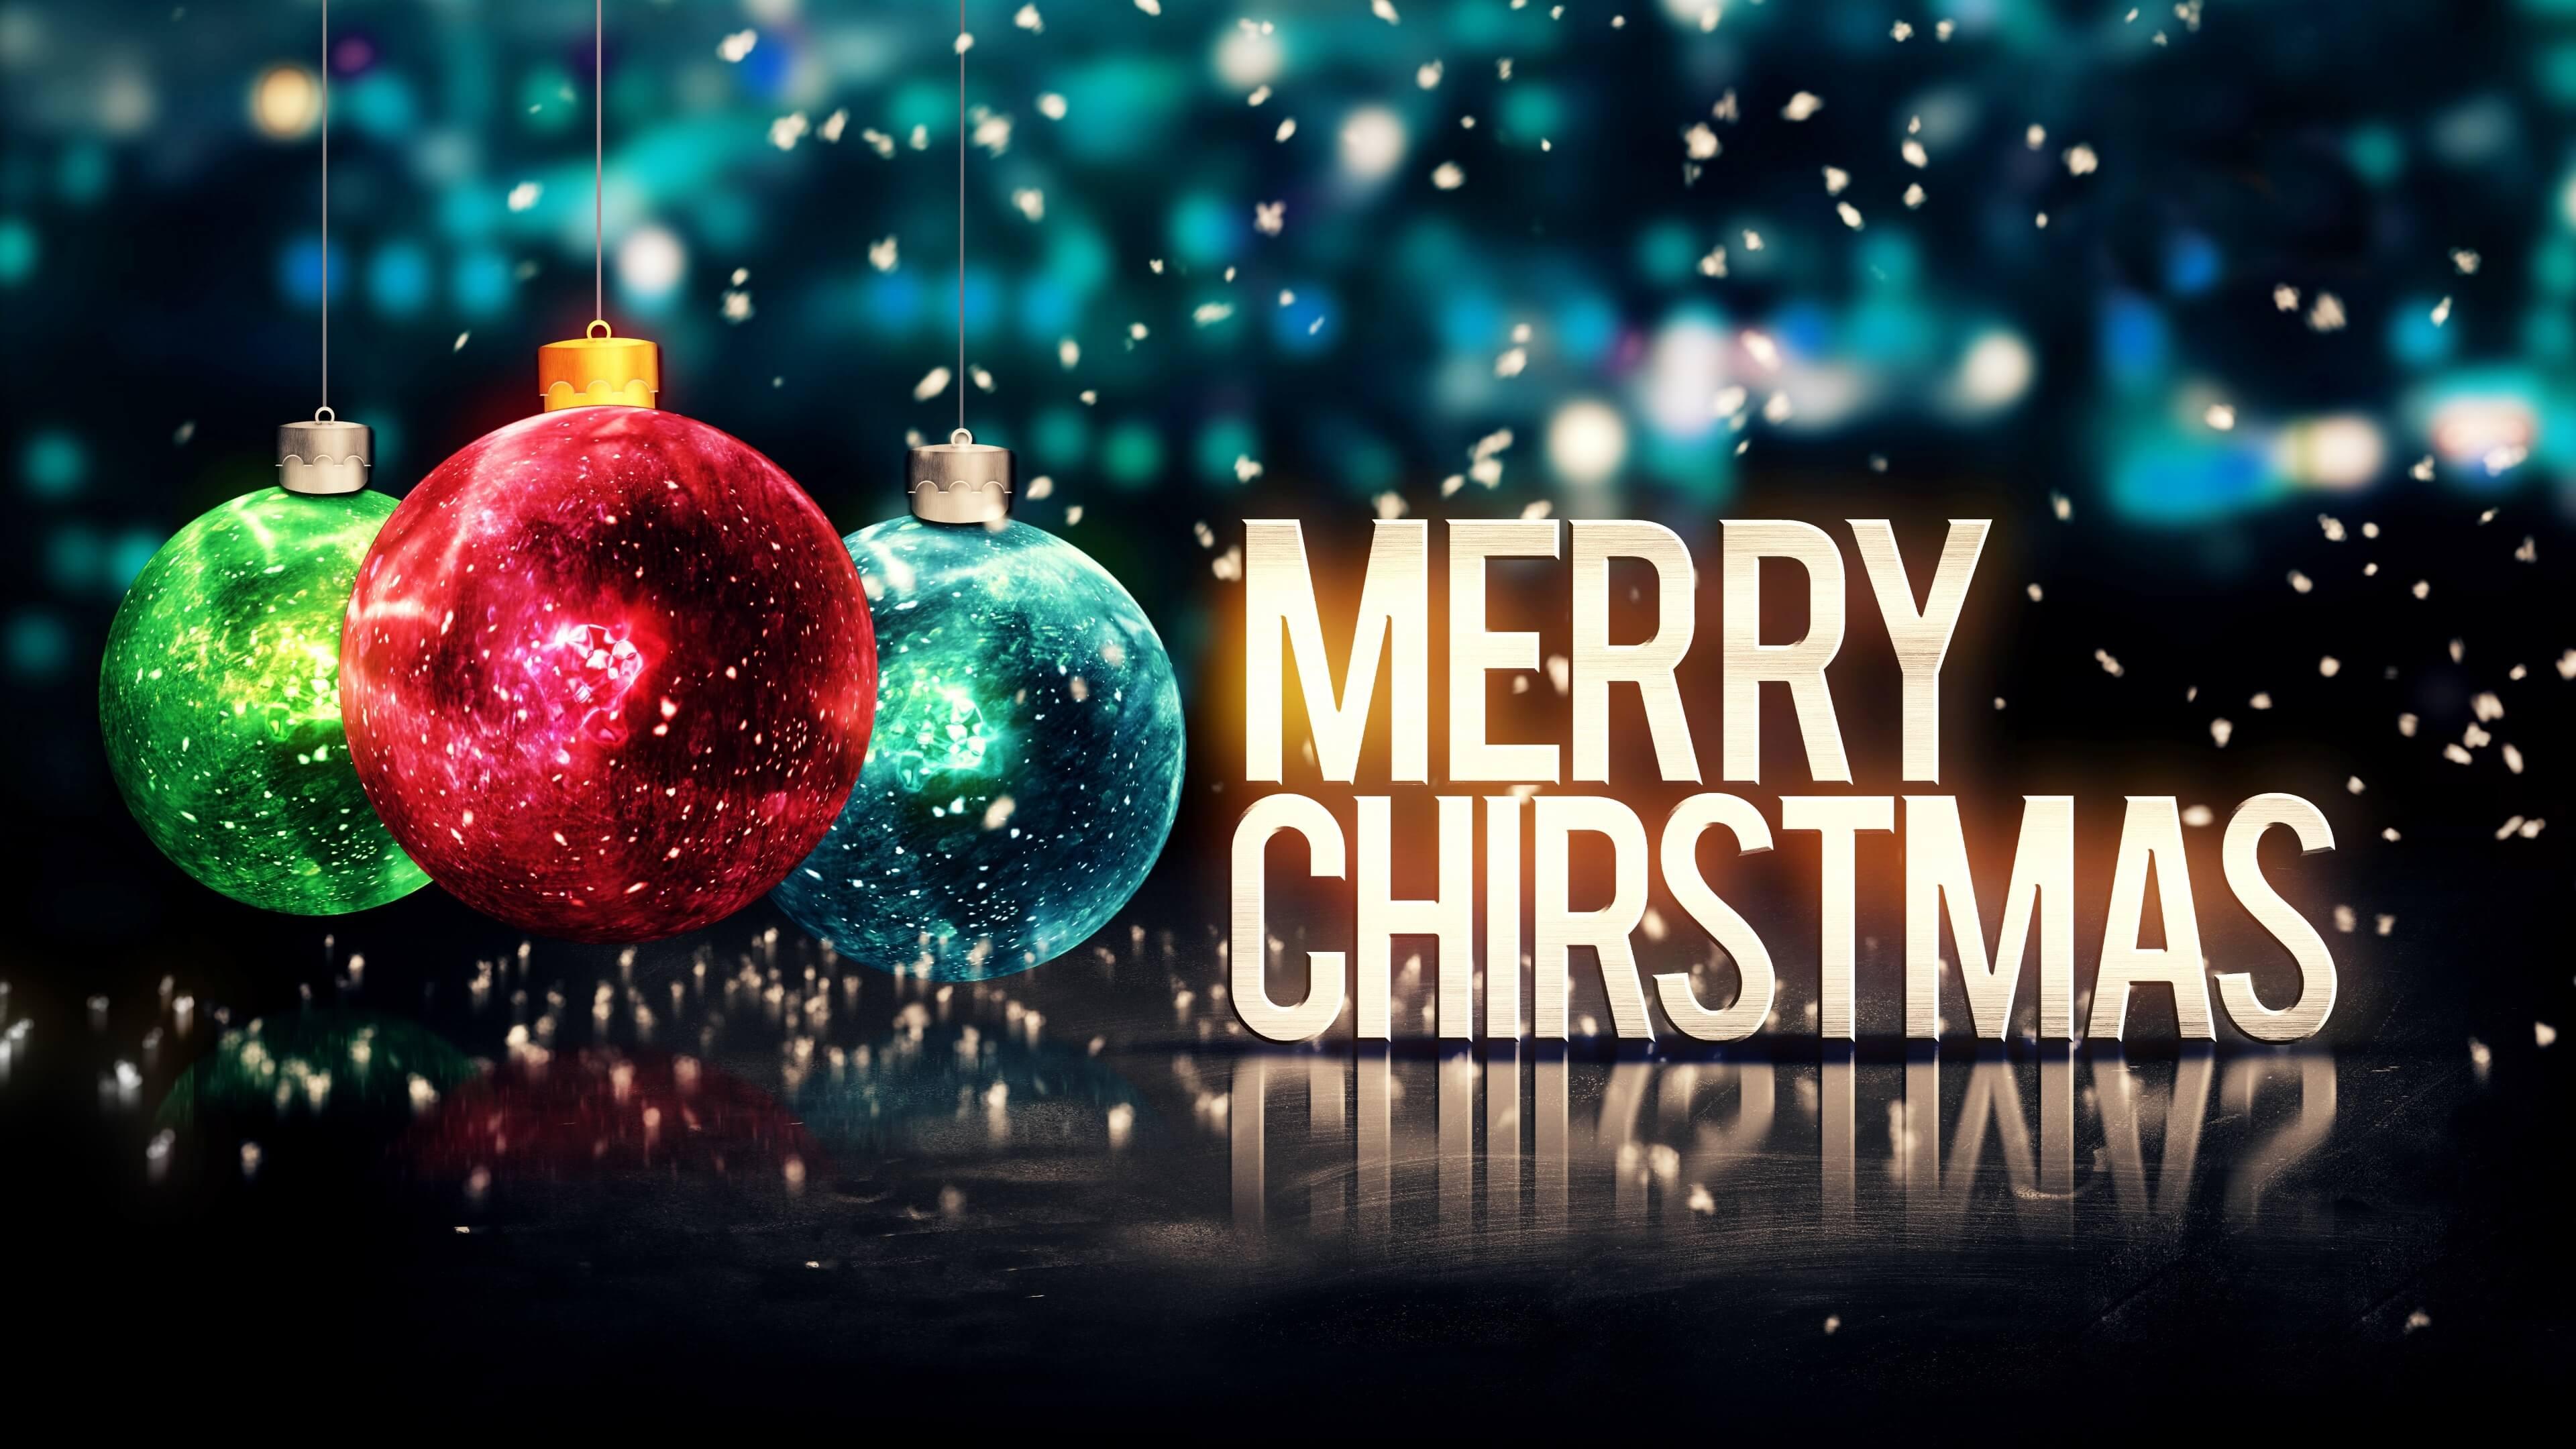 Merry Christmas Balls Glitter 4K Ultra HD Desktop Wallpaper Jark 3840x2160